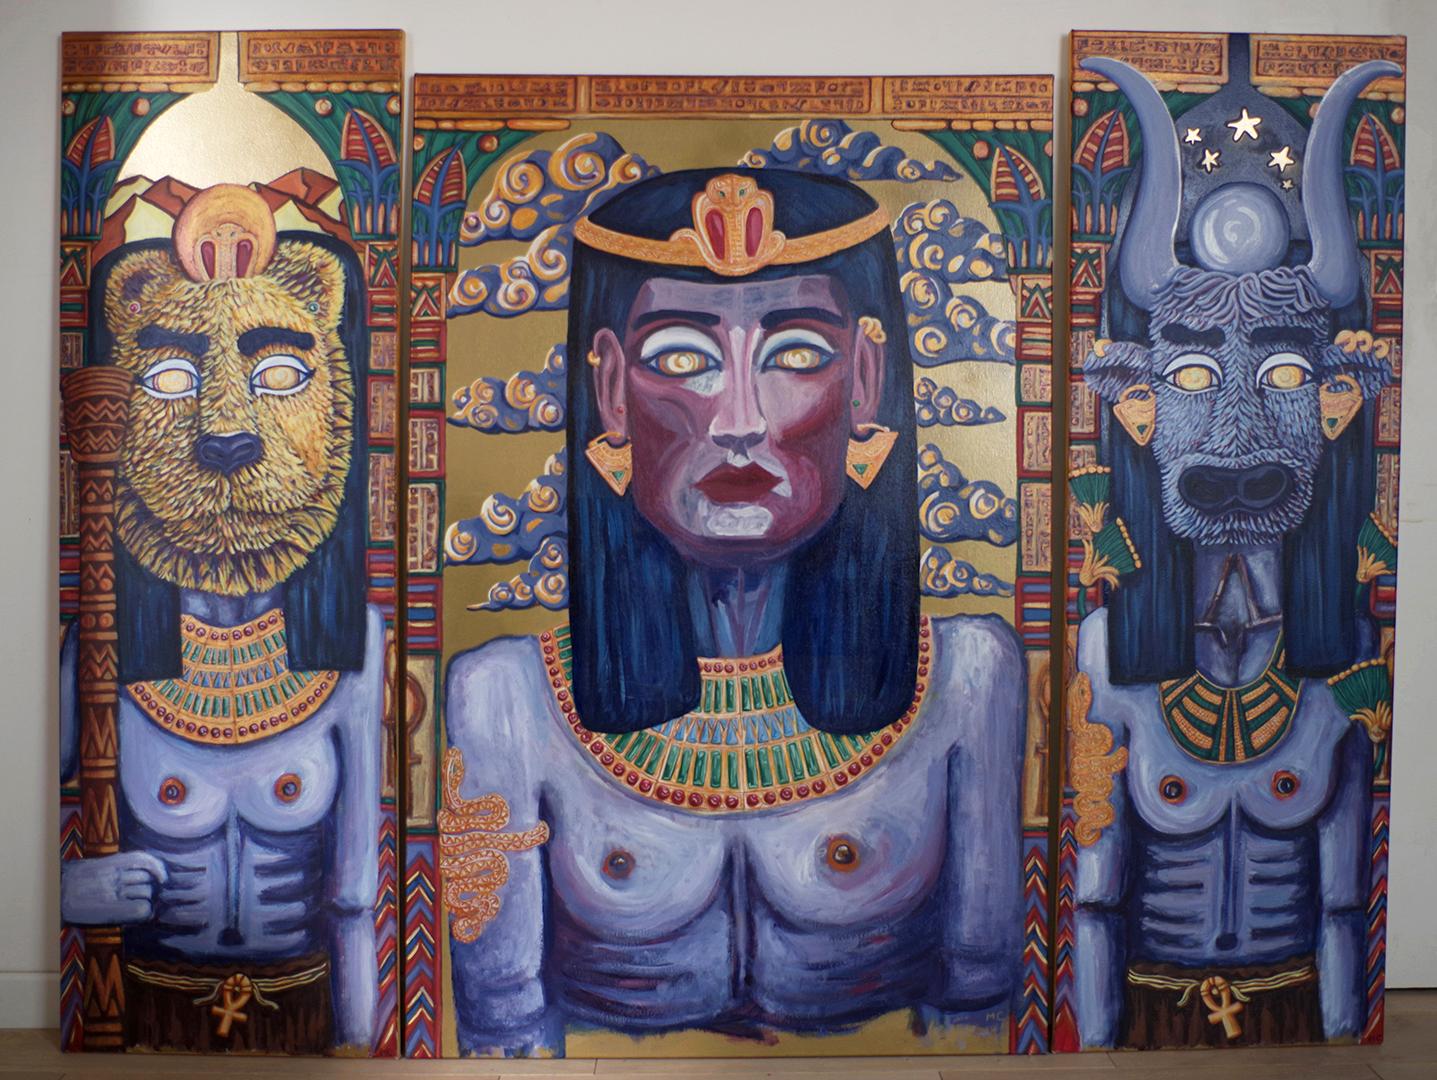 <h3>Sans fard, triptyque, acrylique sur toile, 155 x 120 cm, septembre 2019, Lille, France</h3><p>Cléopâtre reine d'Egypte de -69 à -30 av.J.-C., est entourée par Sekhmet déesse de la guerre, et Hathor déesse de la fertilité. C'est le Livre de la vache céleste qui m'a inspiré ce tableau. </p><p>Ce récit mythologique raconte la transformation de Sekhmet en Hathor. Ici, Cléopâtre ne dispose que de bijoux pour signifier sa royauté. Dans les récits que l'on fait d'elle, elle est tour à tour présentée comme une reine brillante et soucieuse de la prospérité de son pays ou au contraire comme une reine séductrice, cruelle et opportuniste. Mais doit-on réellement simplifier la réalité? Les Hommes ne sont-ils pas complexes et ne peuvent-ils pas être l'un et l'autre?</p>